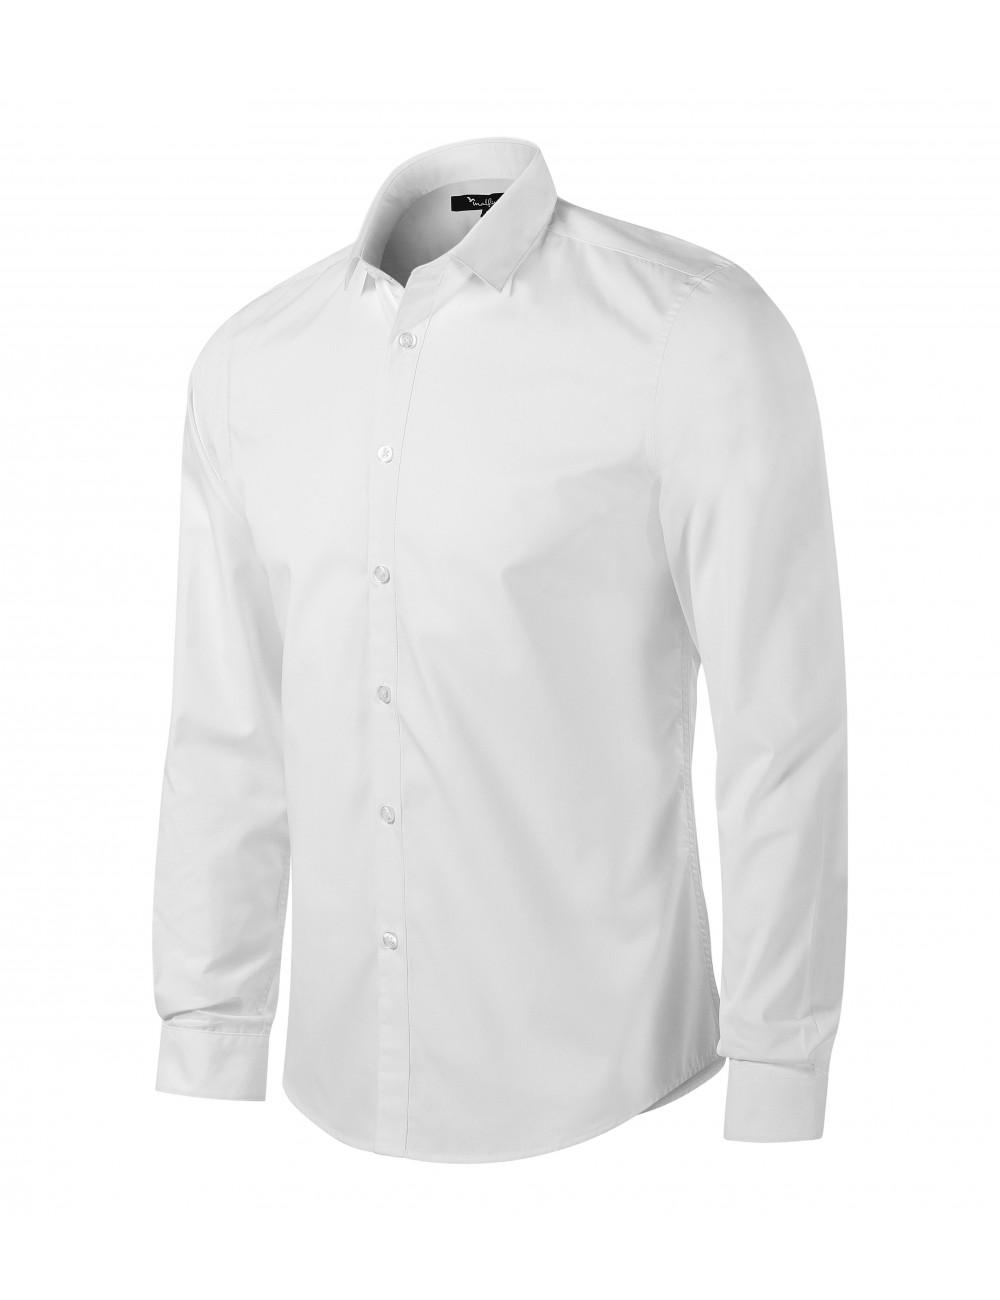 Adler MALFINIPREMIUM Koszula męska Dynamic 262 biały